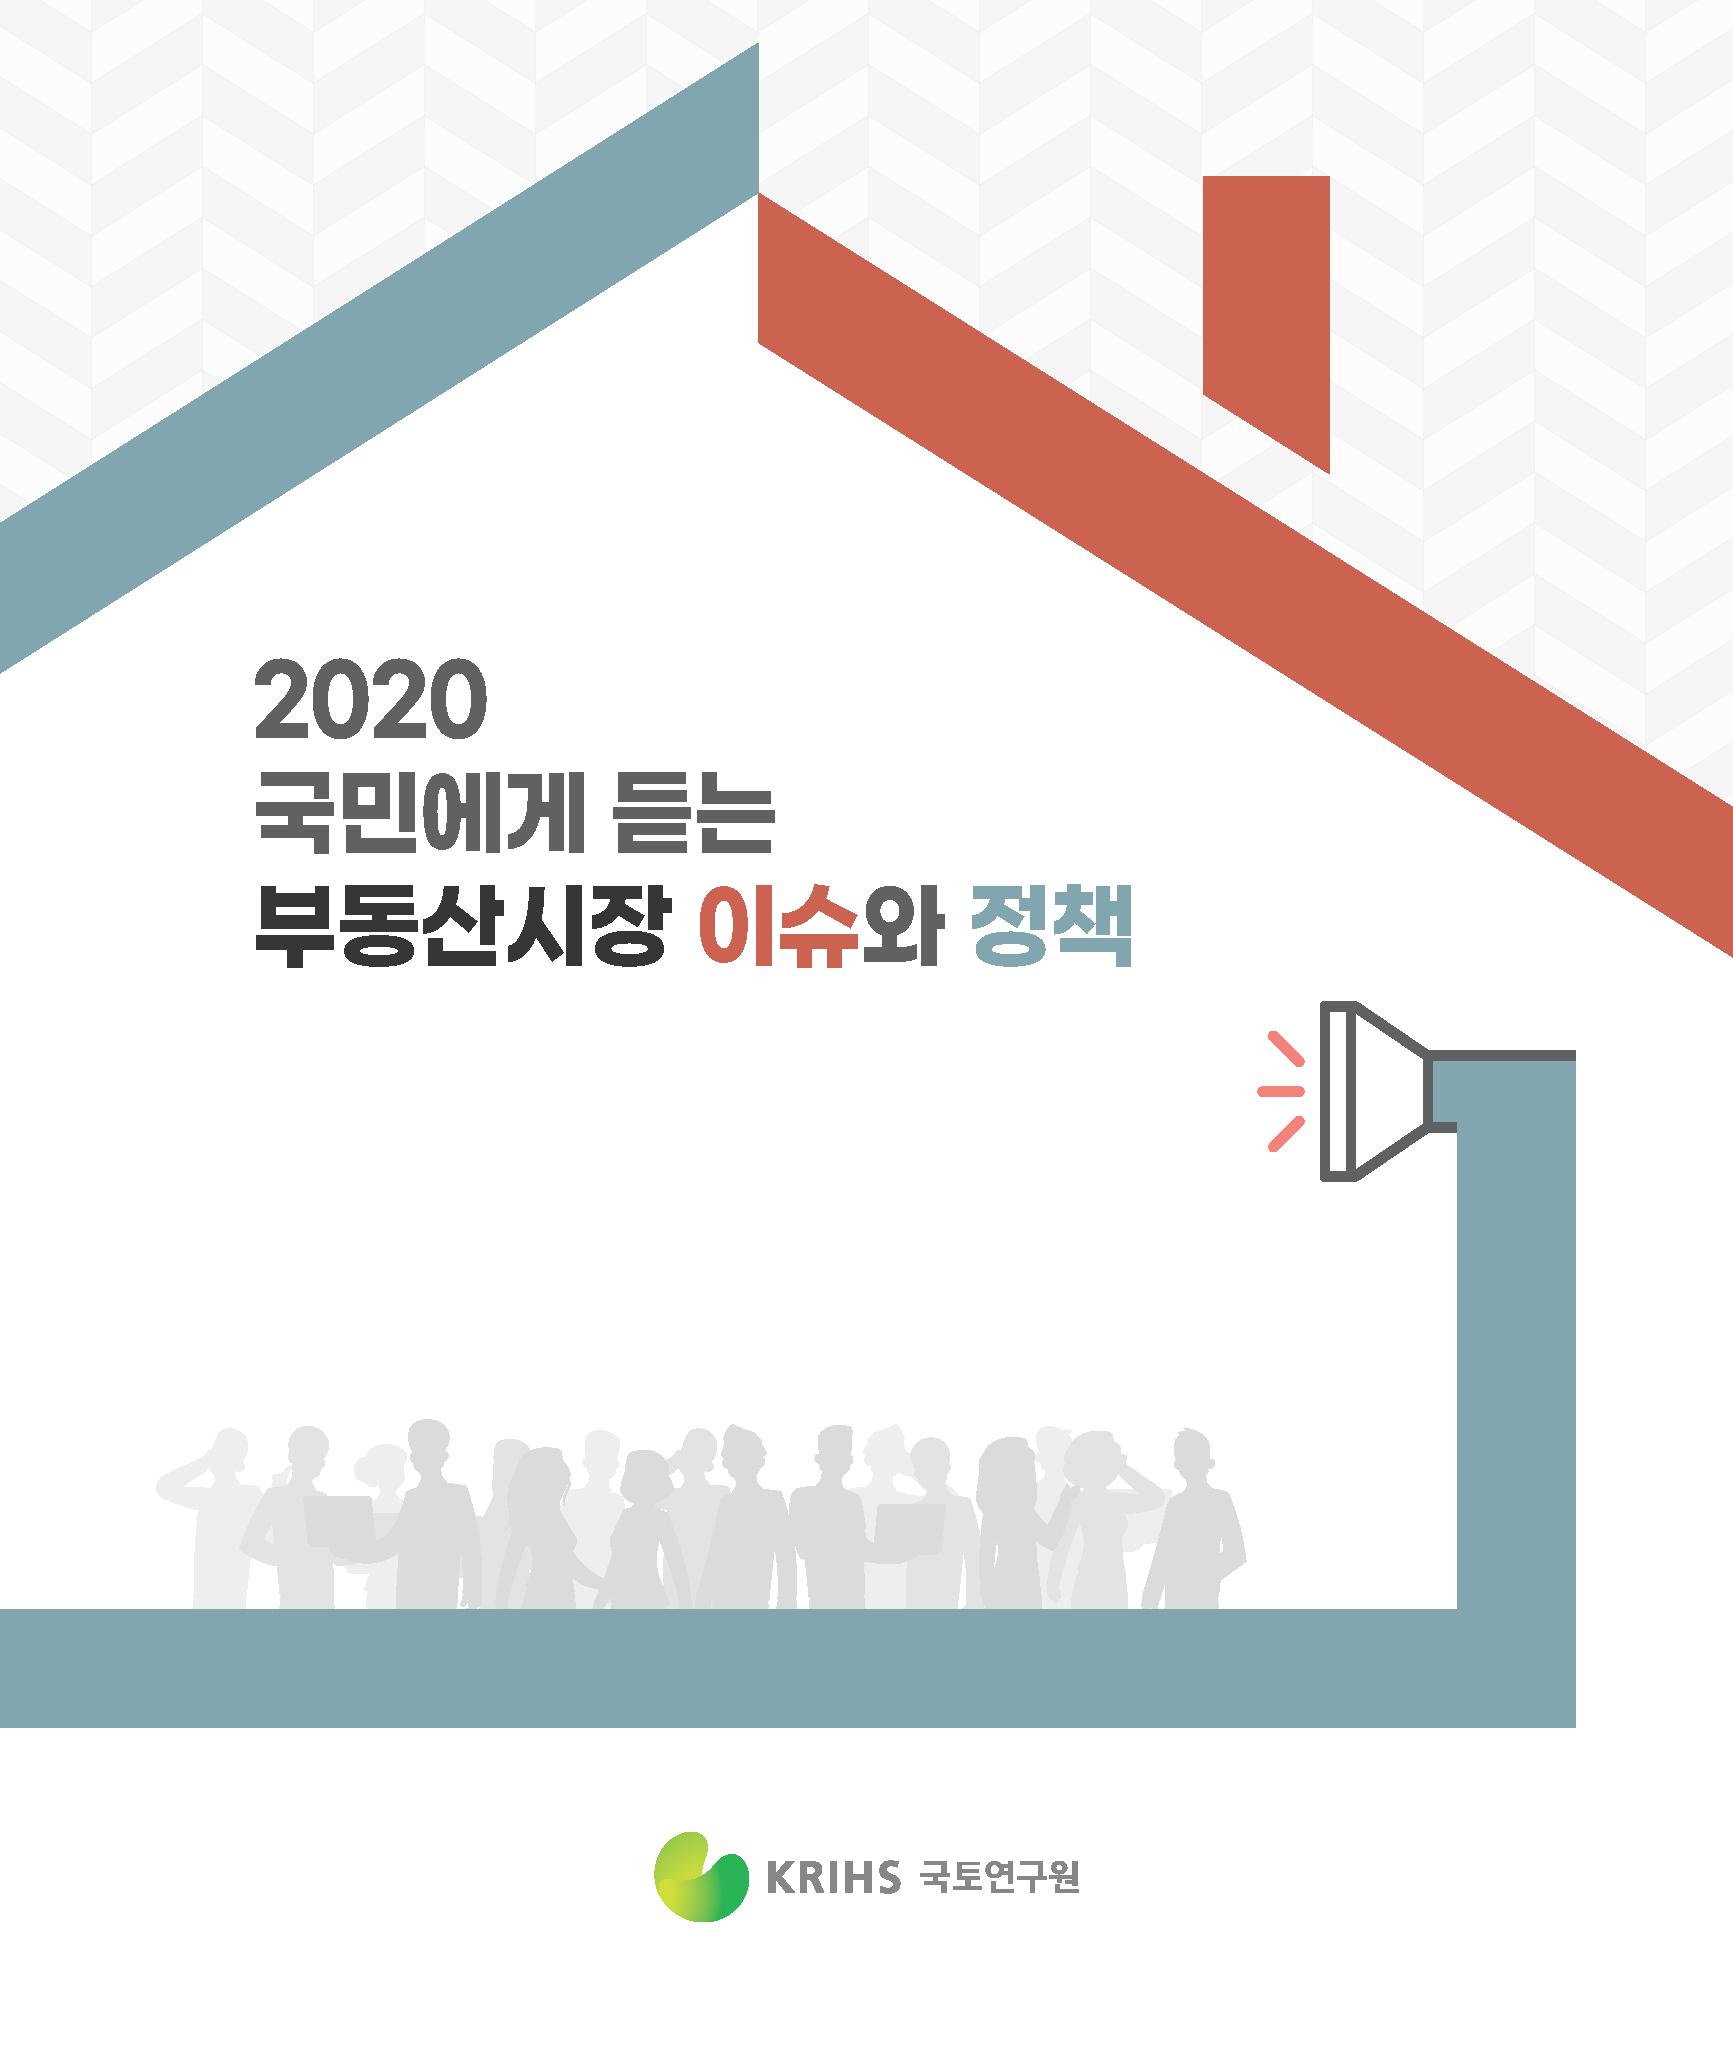 2020 국민에게 듣는 부동산시장 이슈와 정책표지